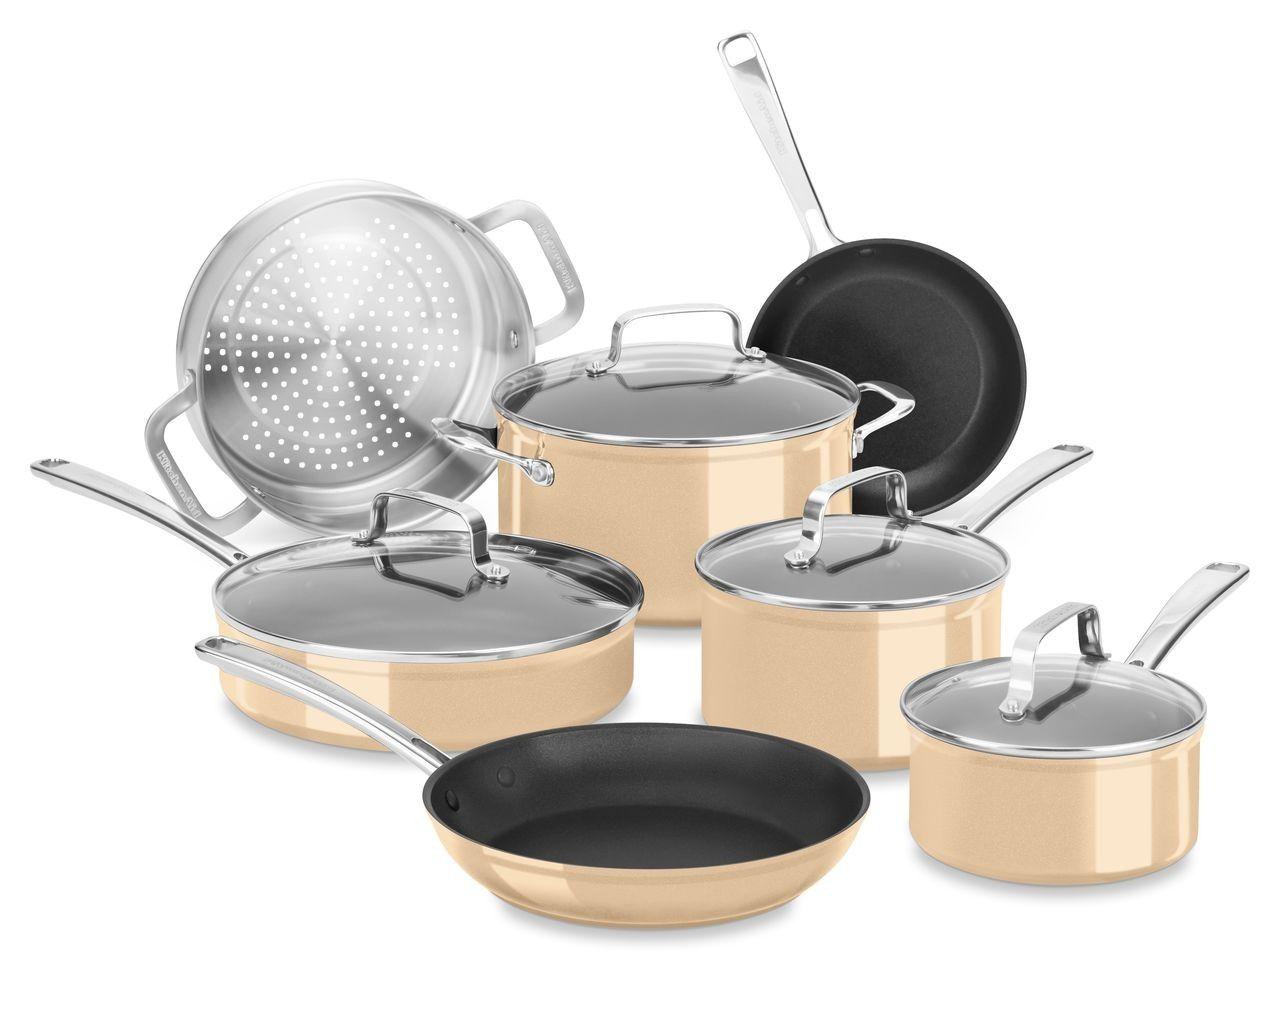 kitchenaid copper pots and pans set